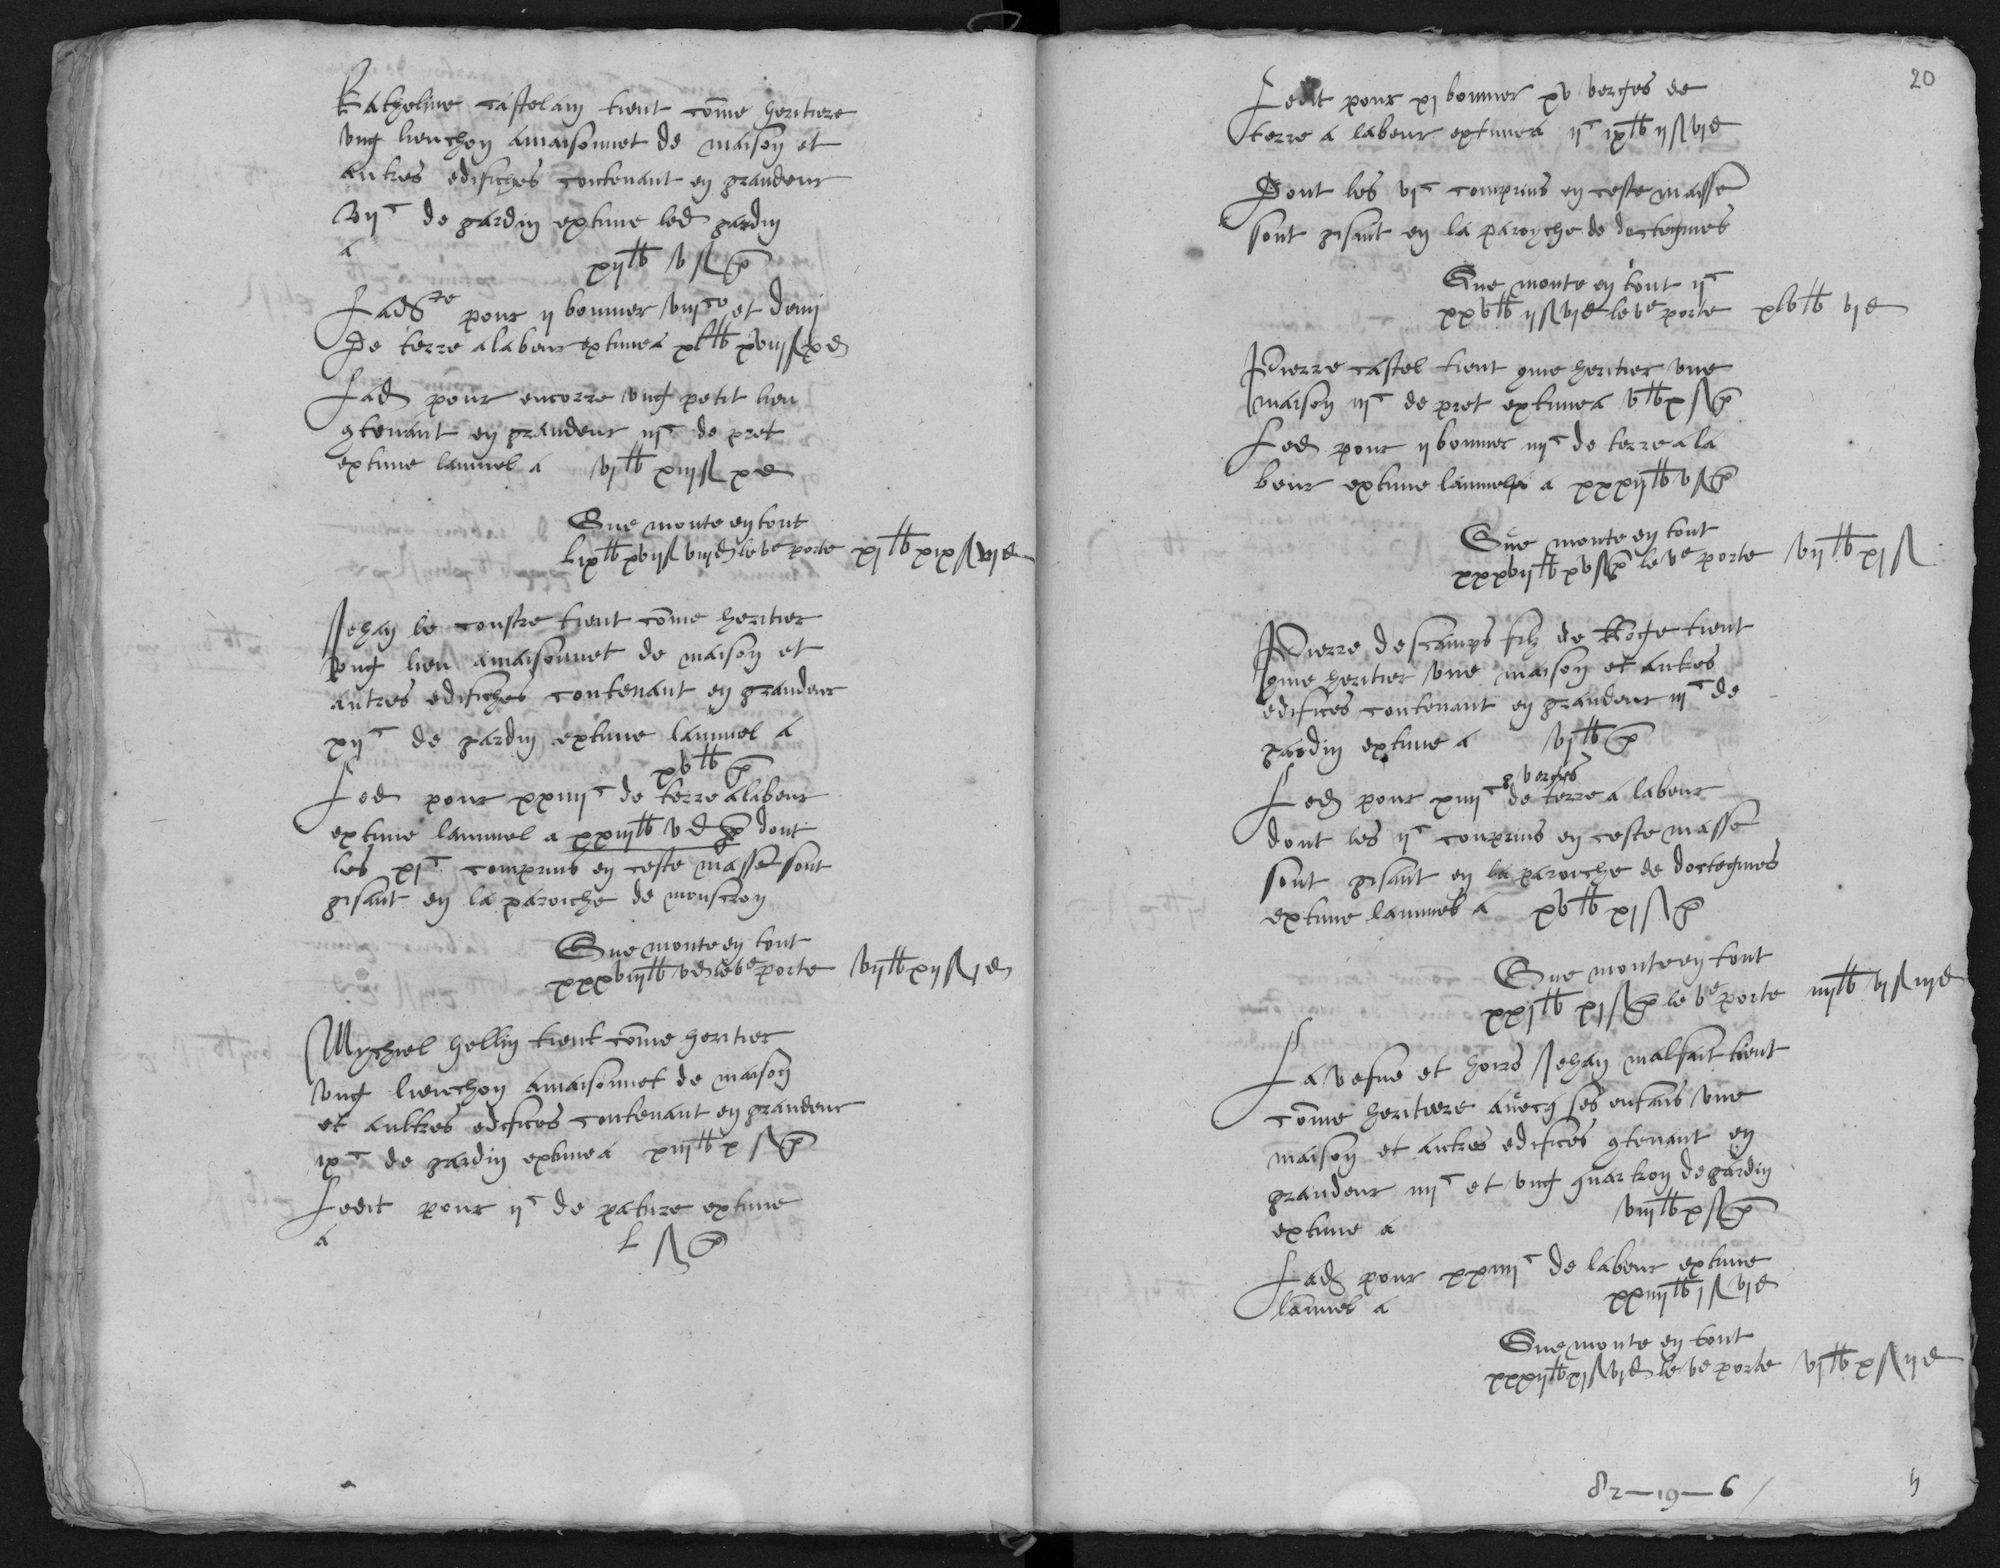 Kohier van de 5de penning in Luingne (Lowingen) (kasselrij van Kortrijk), 1577